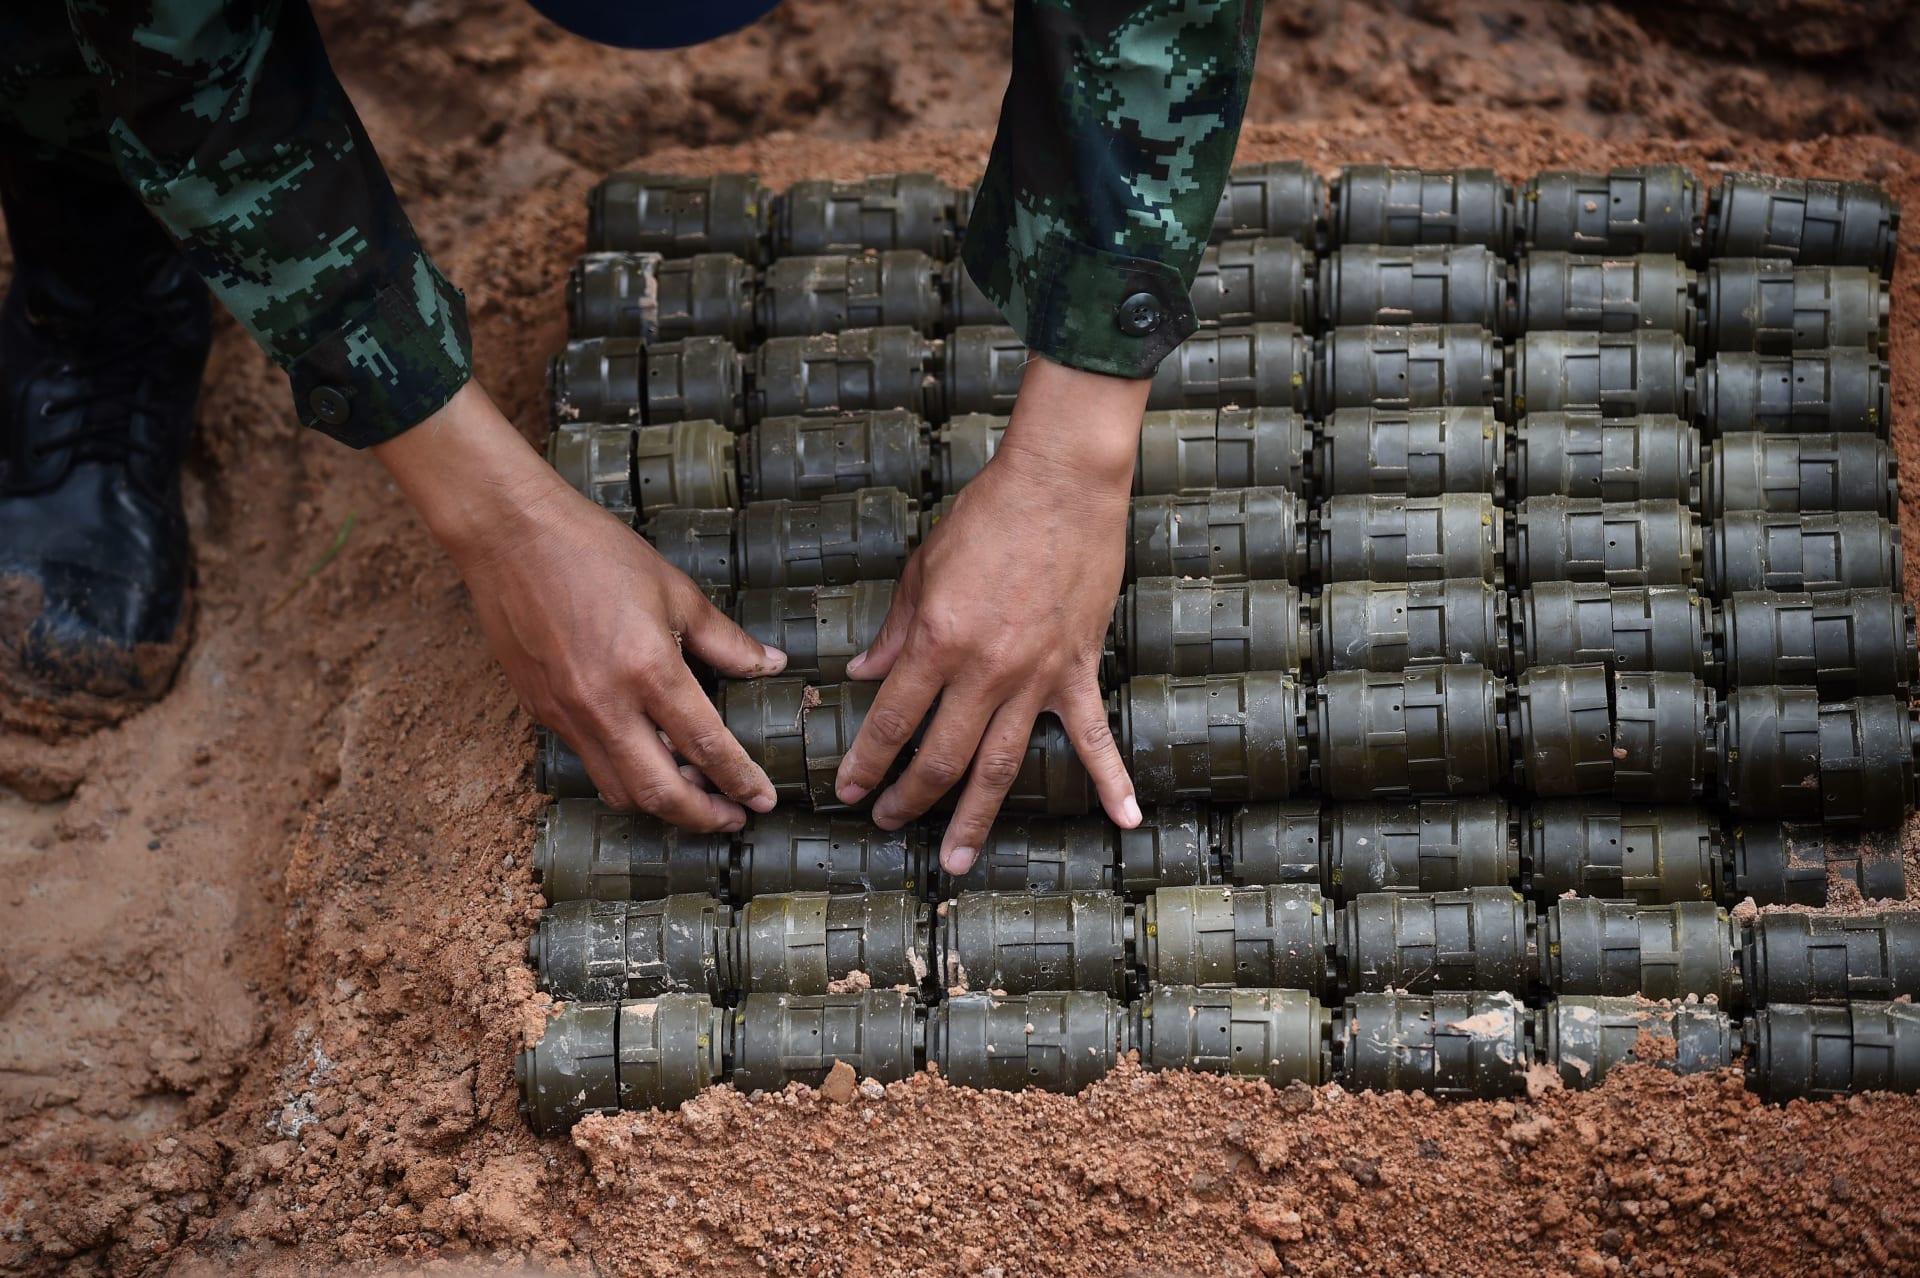 مسؤولون بالبنتاغون لـCNN: إدارة ترامب ستخفف قيود استخدام الجيش الأمريكي للألغام الأرضية